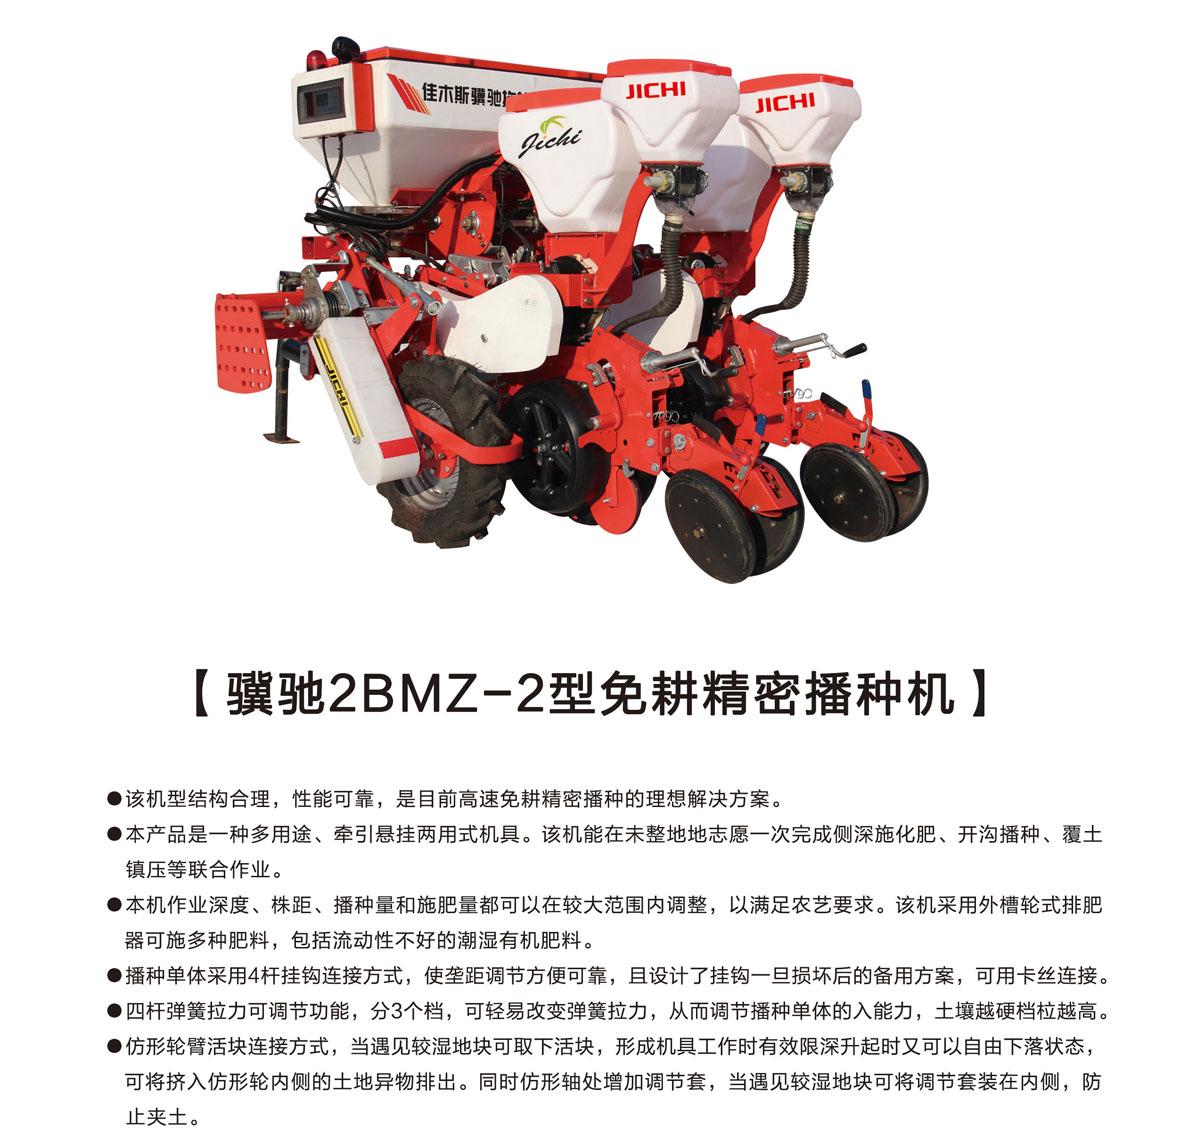 微信图片_20200117095646.jpg